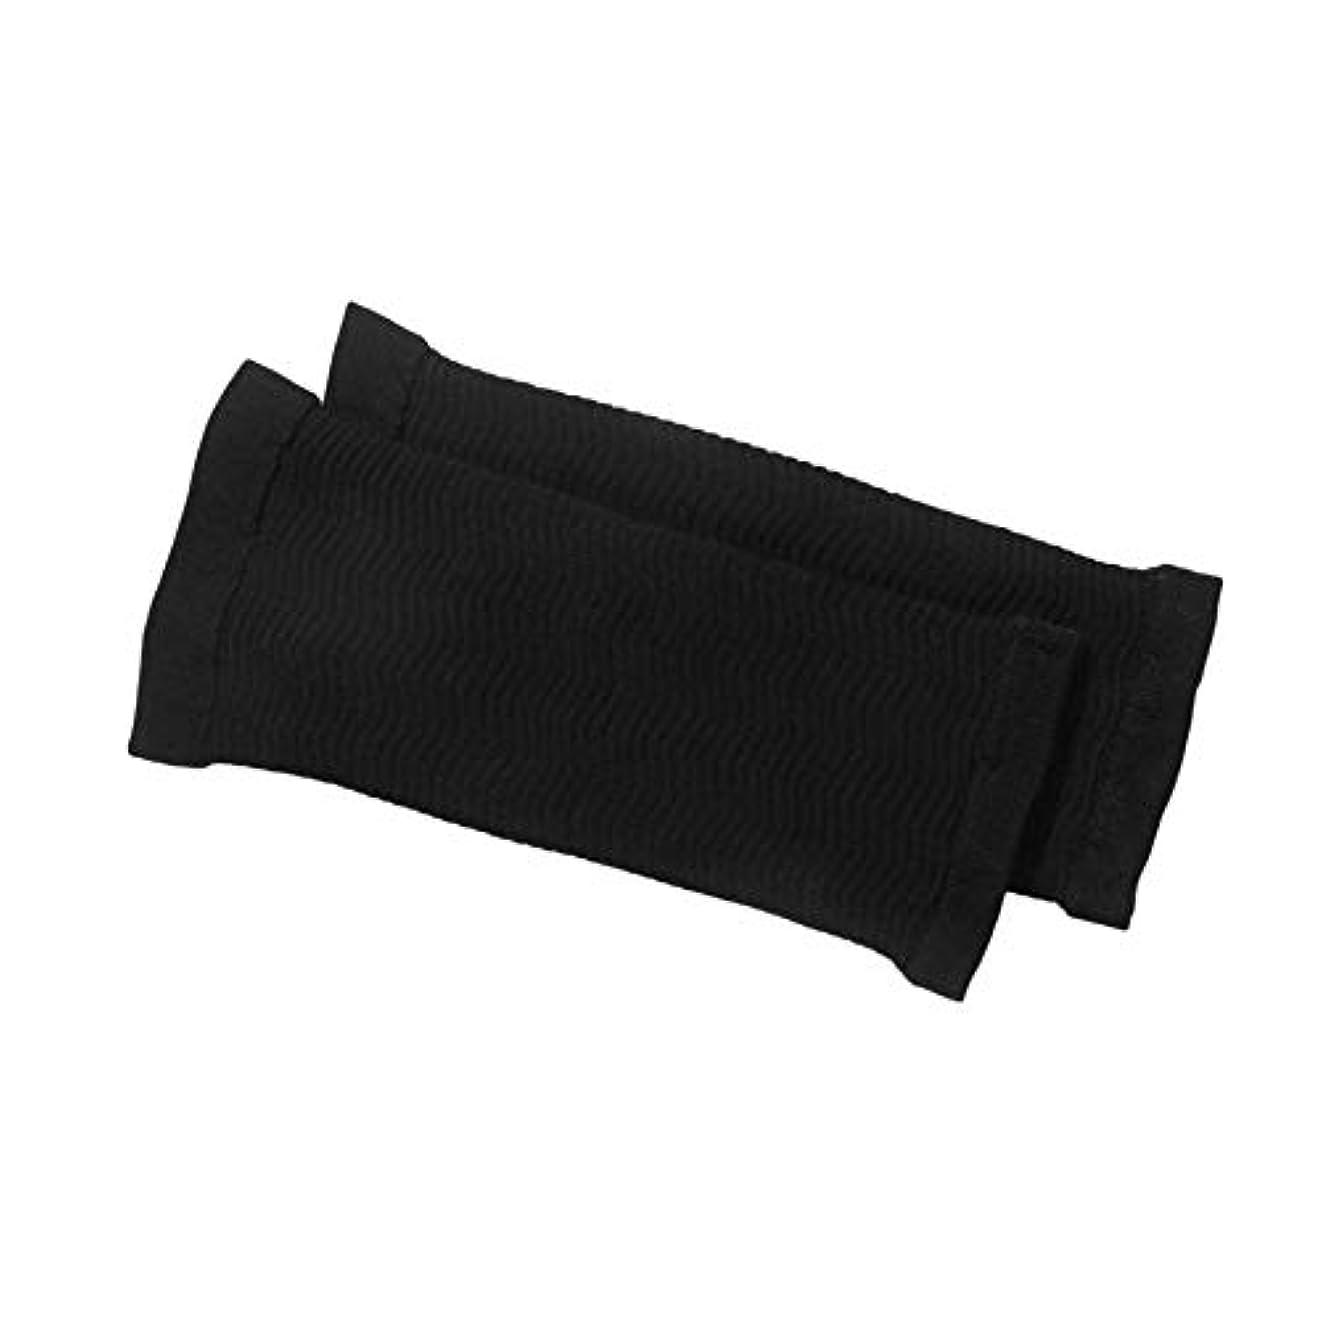 仲人ましい十二1ペア420 D圧縮痩身アームスリーブワークアウトトーニングバーンセルライトシェイパー脂肪燃焼袖用女性 - 黒